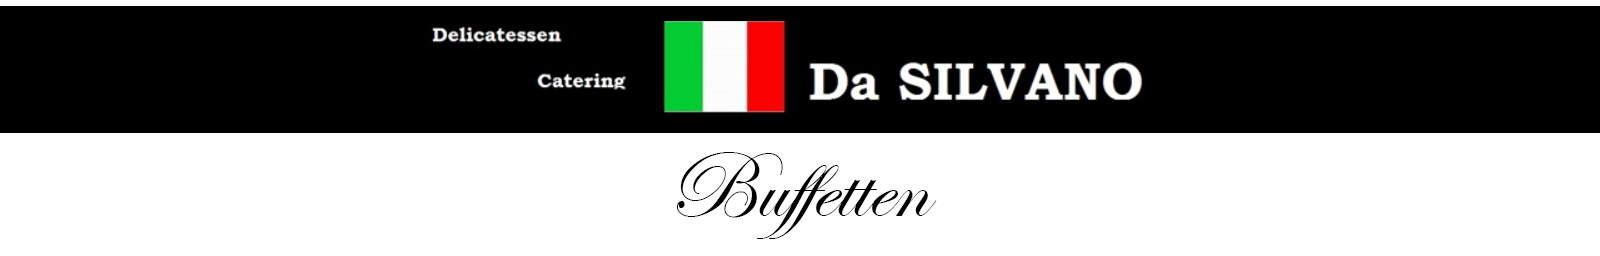 balk buffetten